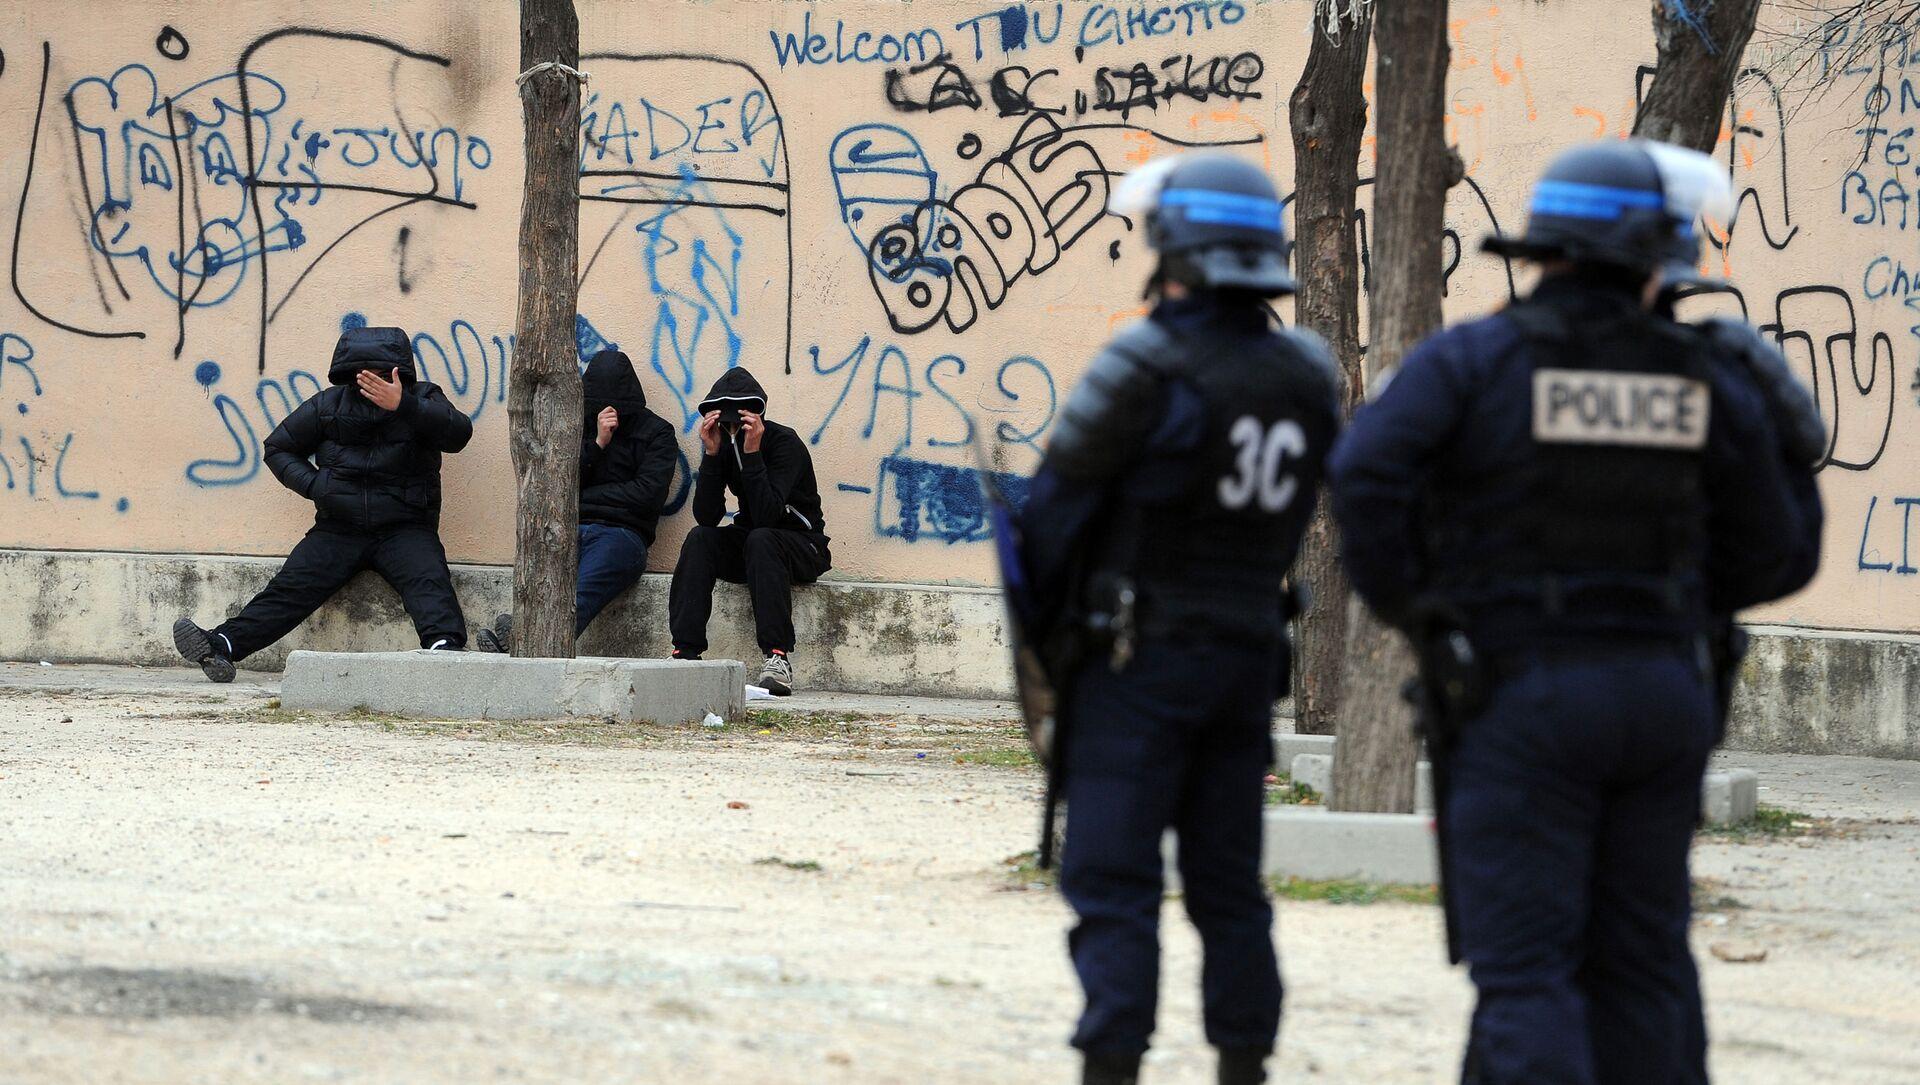 Des policiers français lors d'une opération de police contre la prolifération des stupéfiants et des armes dans les quartiers nord de Marseille, janvier 2012 - Sputnik France, 1920, 30.07.2021